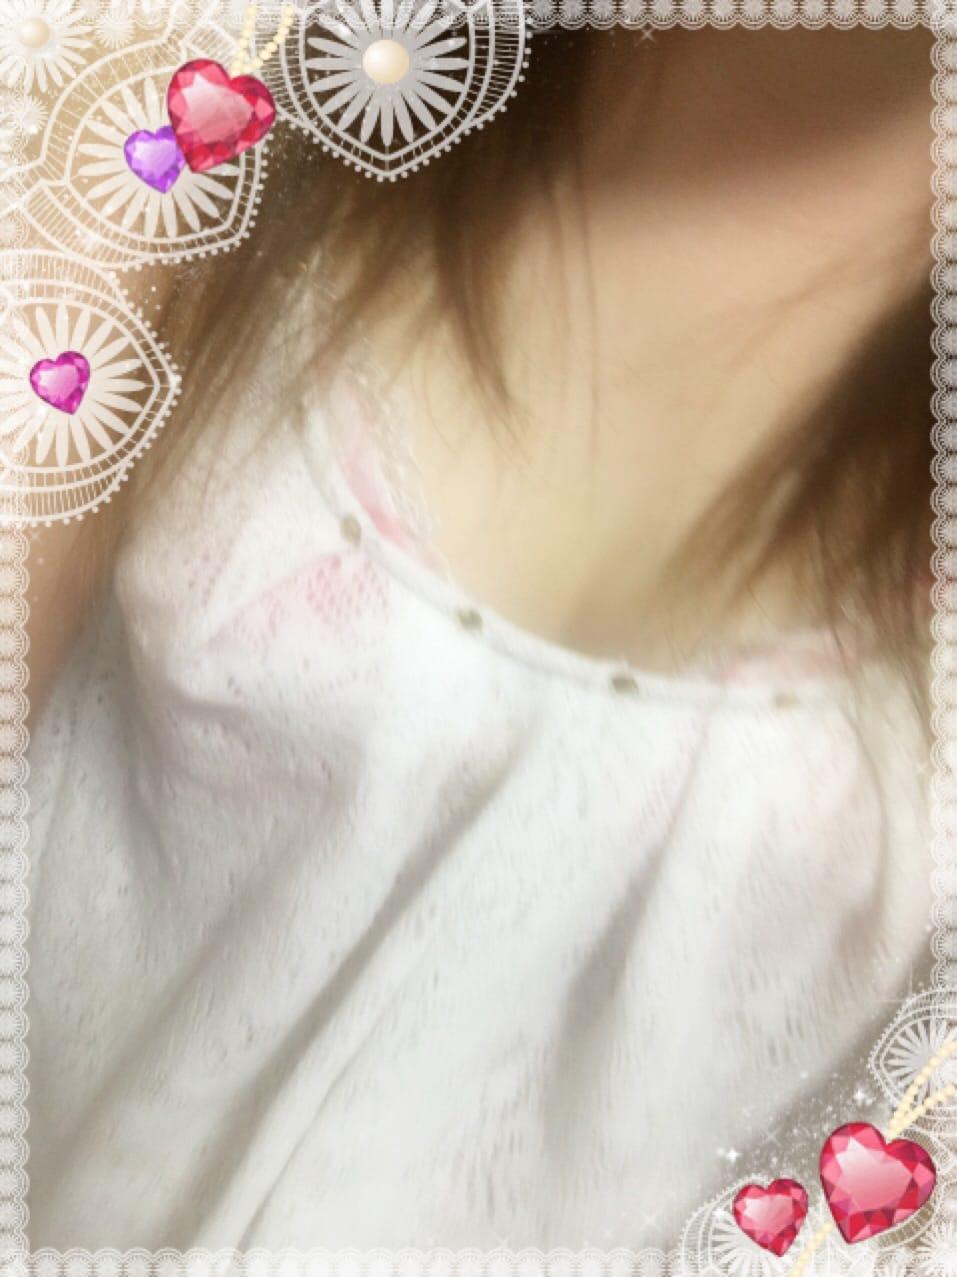 「こんにちは☆」09/03(日) 14:05 | 吉木 みずなの写メ・風俗動画